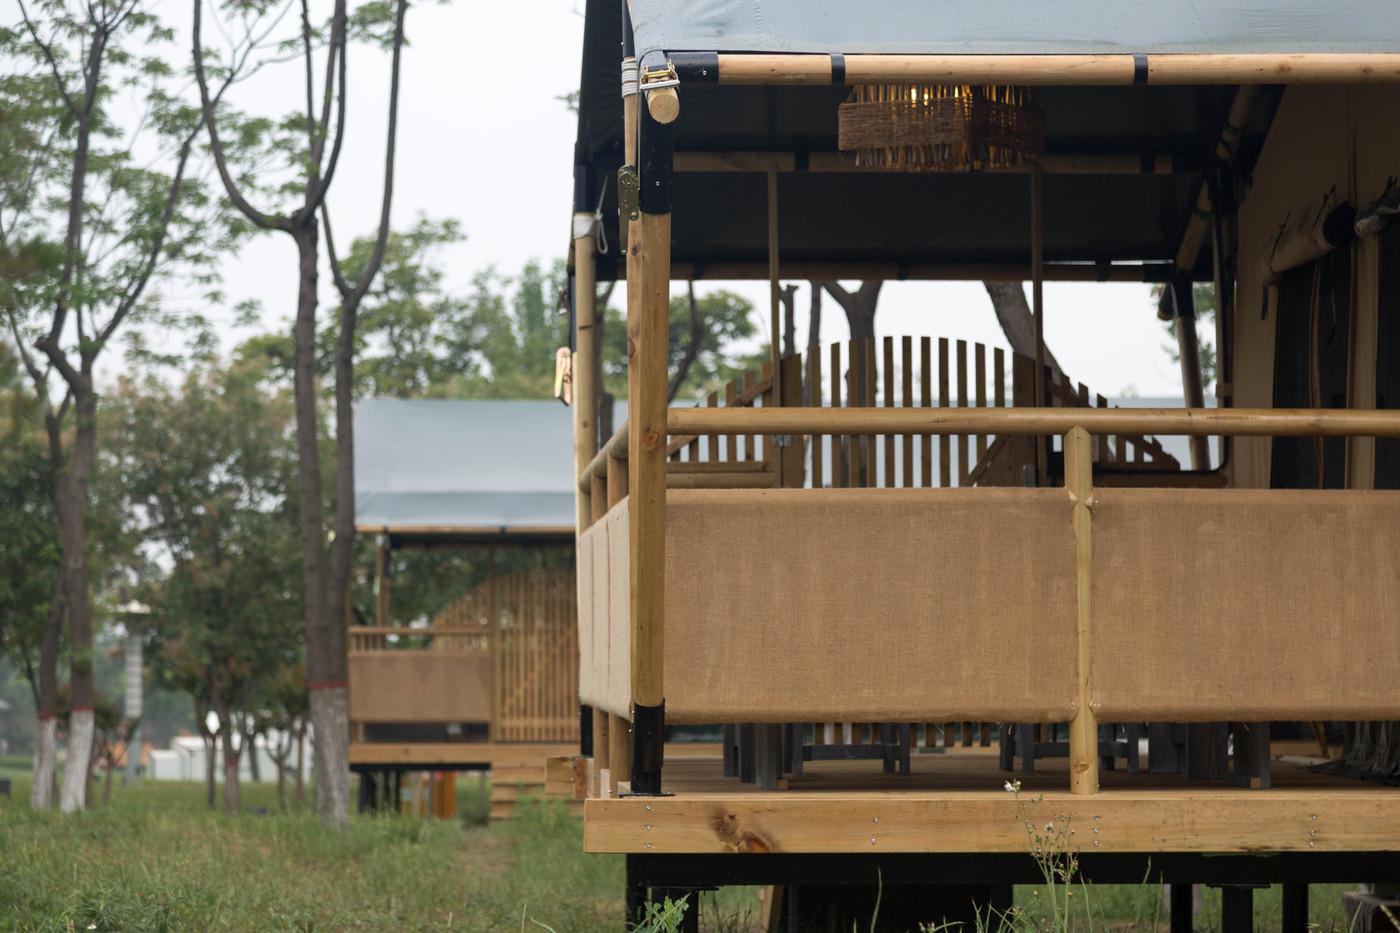 喜马拉雅野奢帐篷酒店—华山自驾游露营地(78平)7